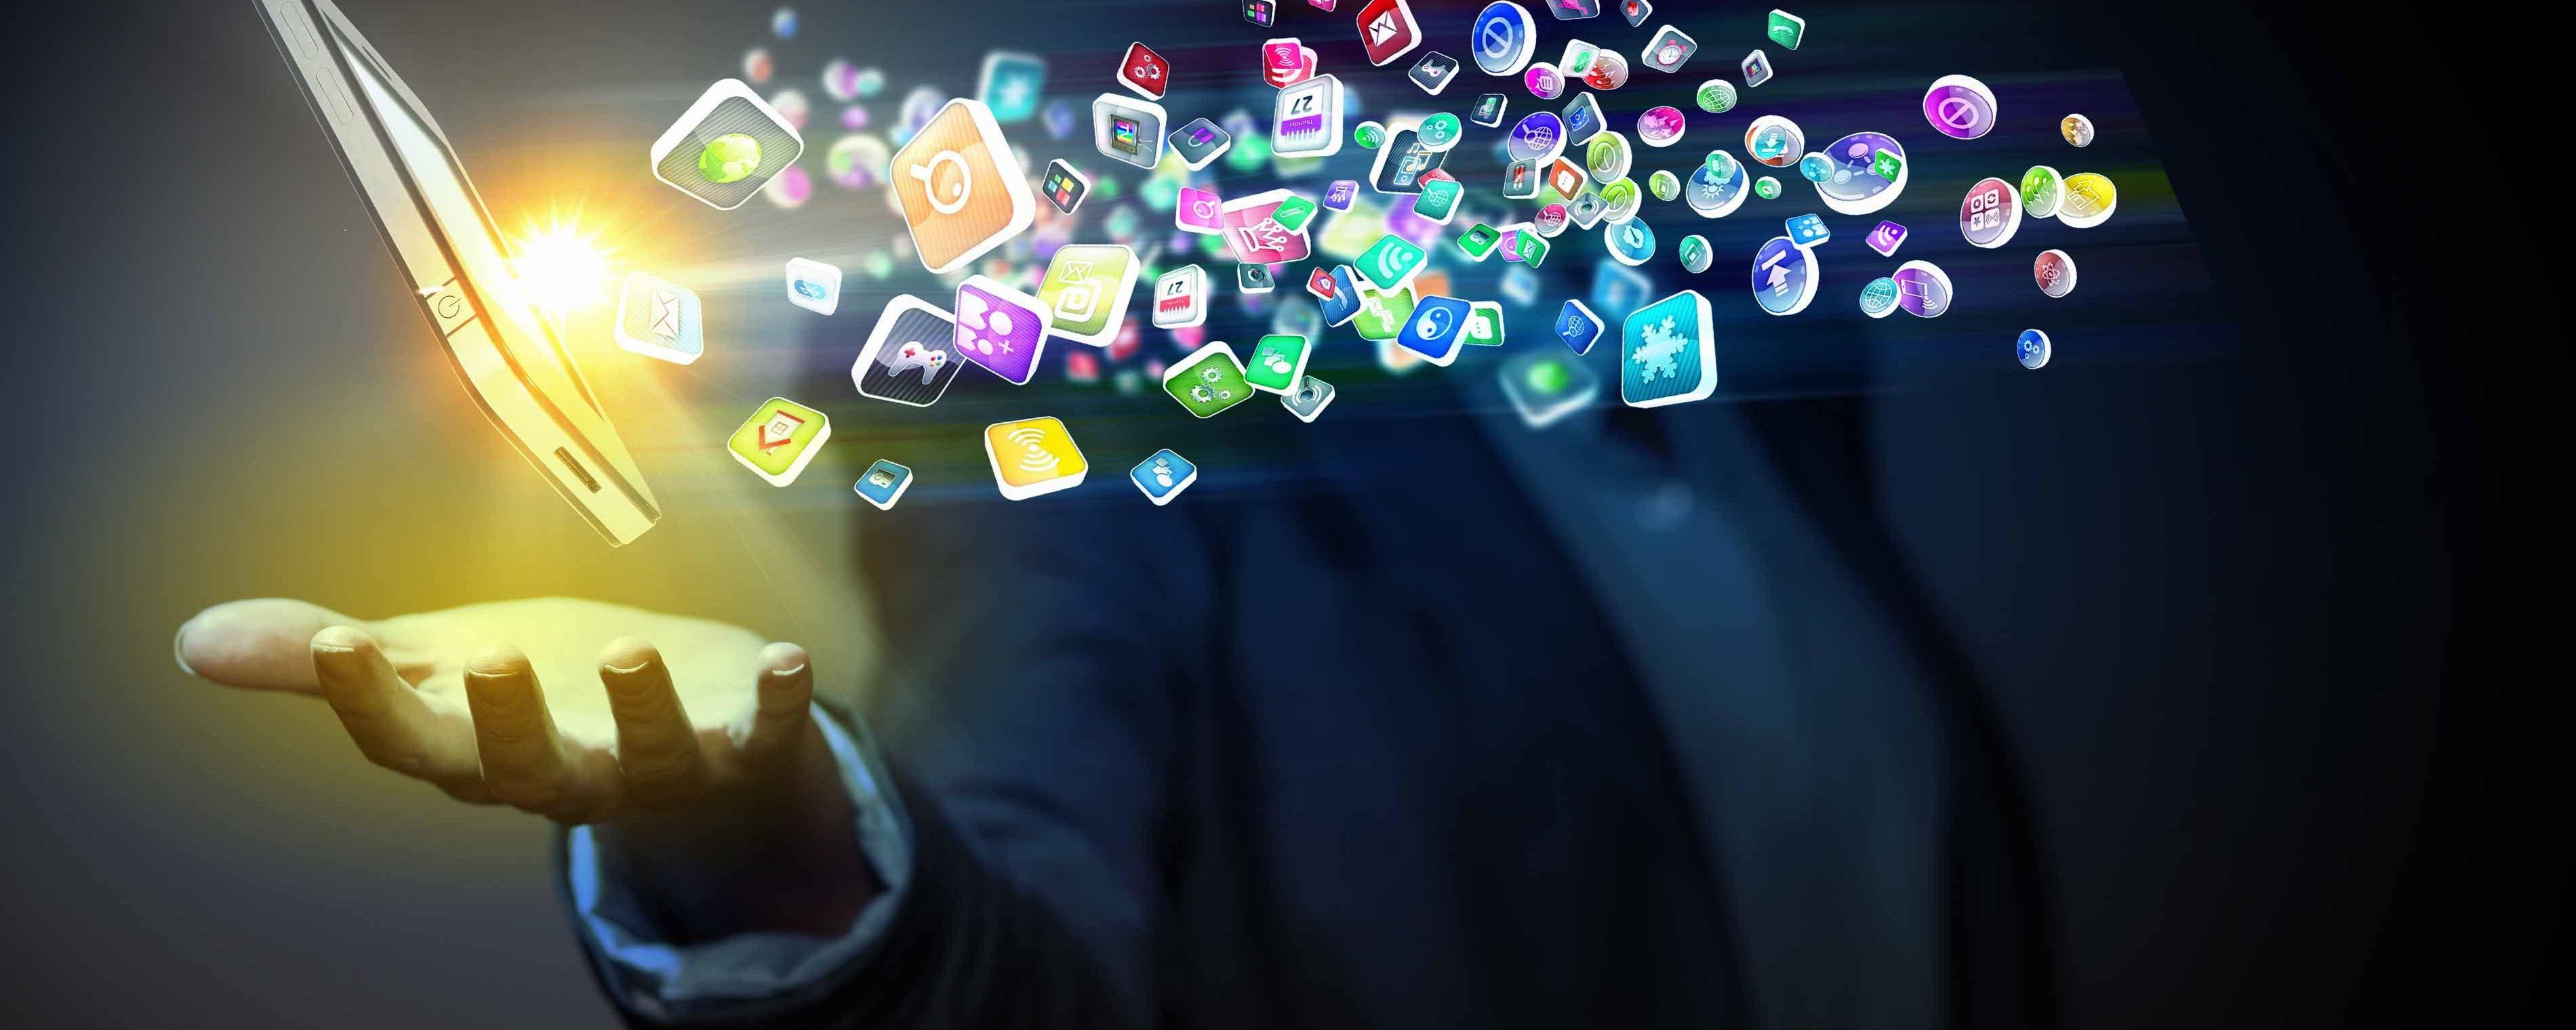 Il pollice e il cannocchiale: scenari mobili dopo l'eclisse delle app